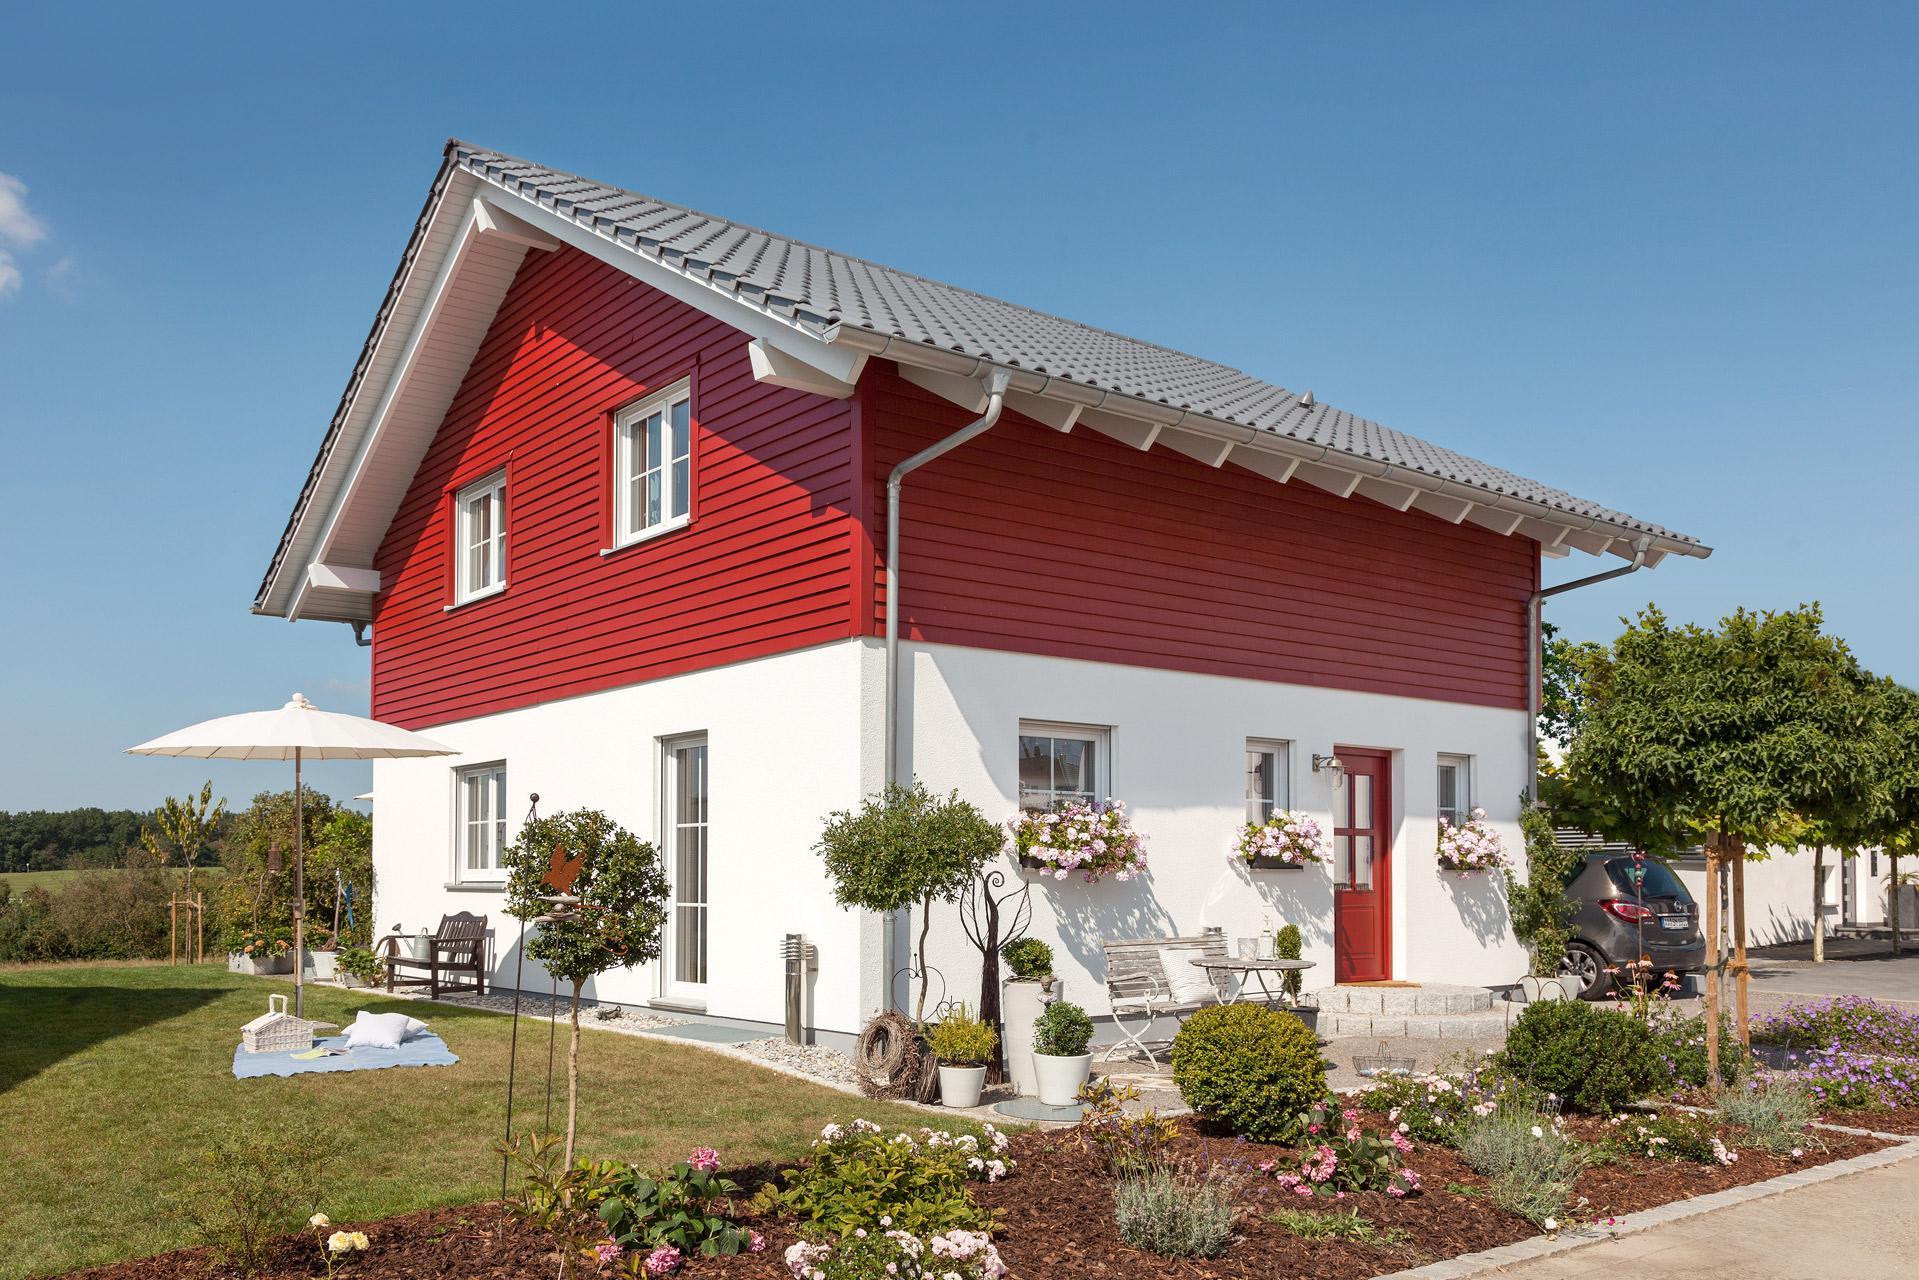 Maison de campagne moderne | E 15-128.8 | SchwörerHaus